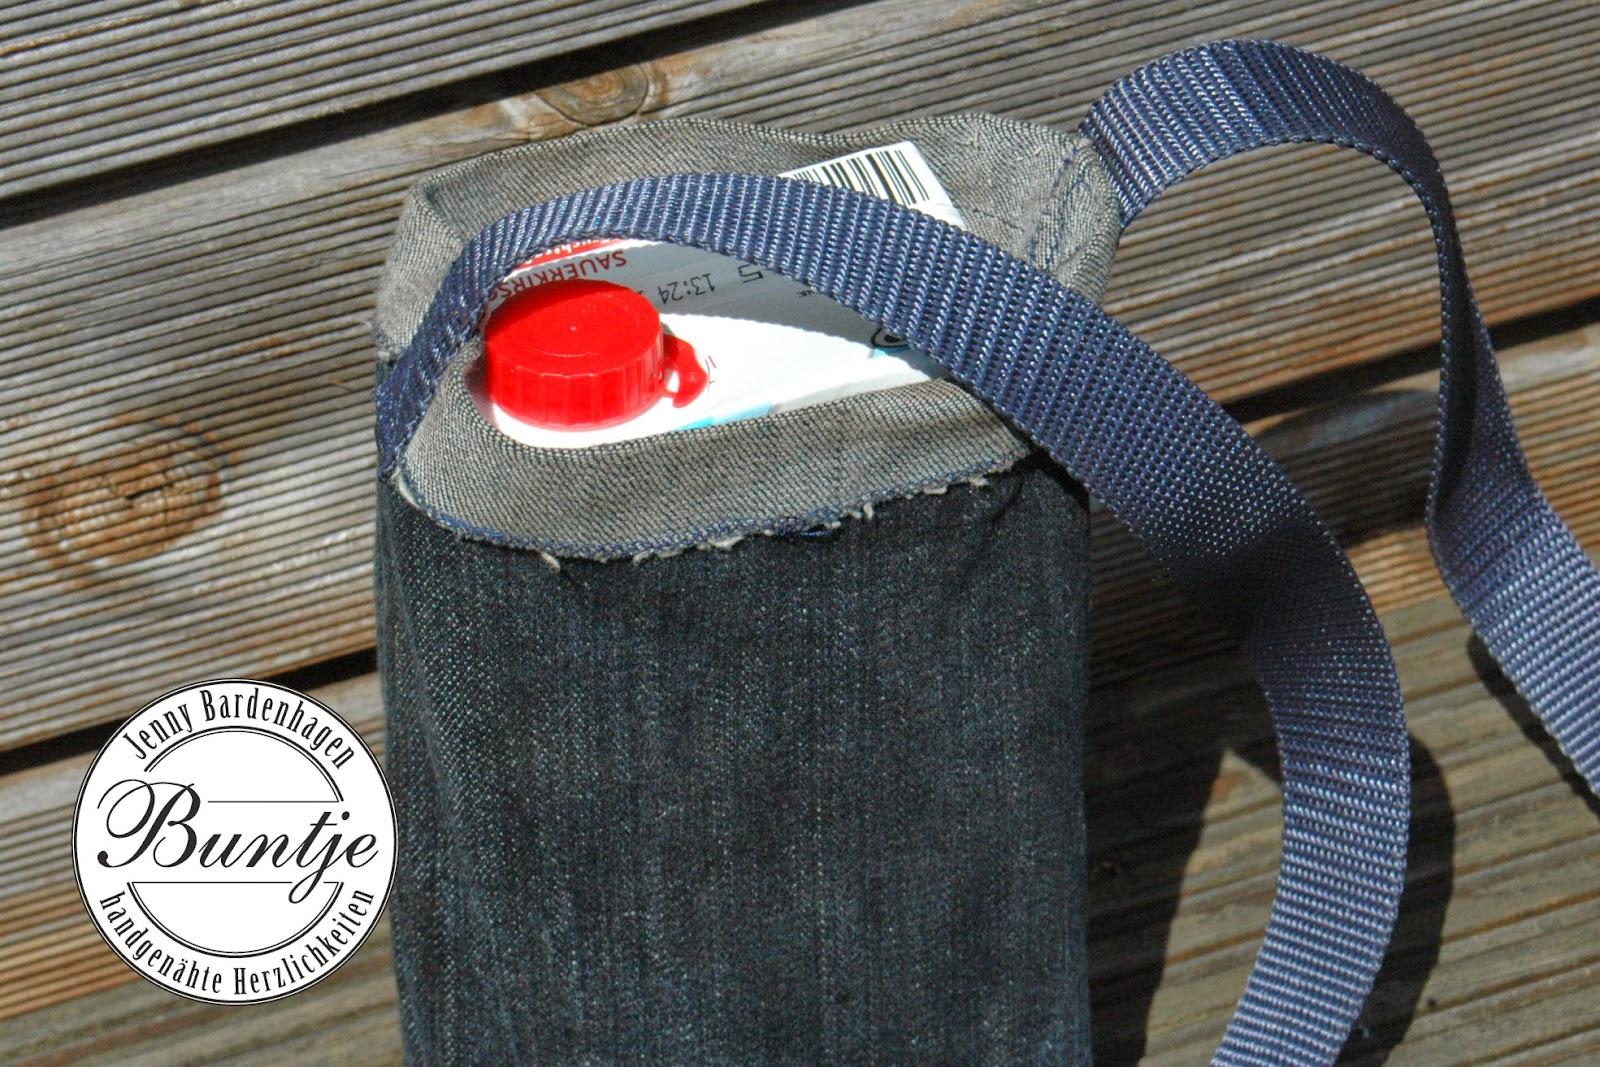 Festivaltasche Tasche Festival Hurricane Scheeßel Tetrapack Tetra-Pak Getränk Jeans stabil nähen Buntje Mann Geschenk